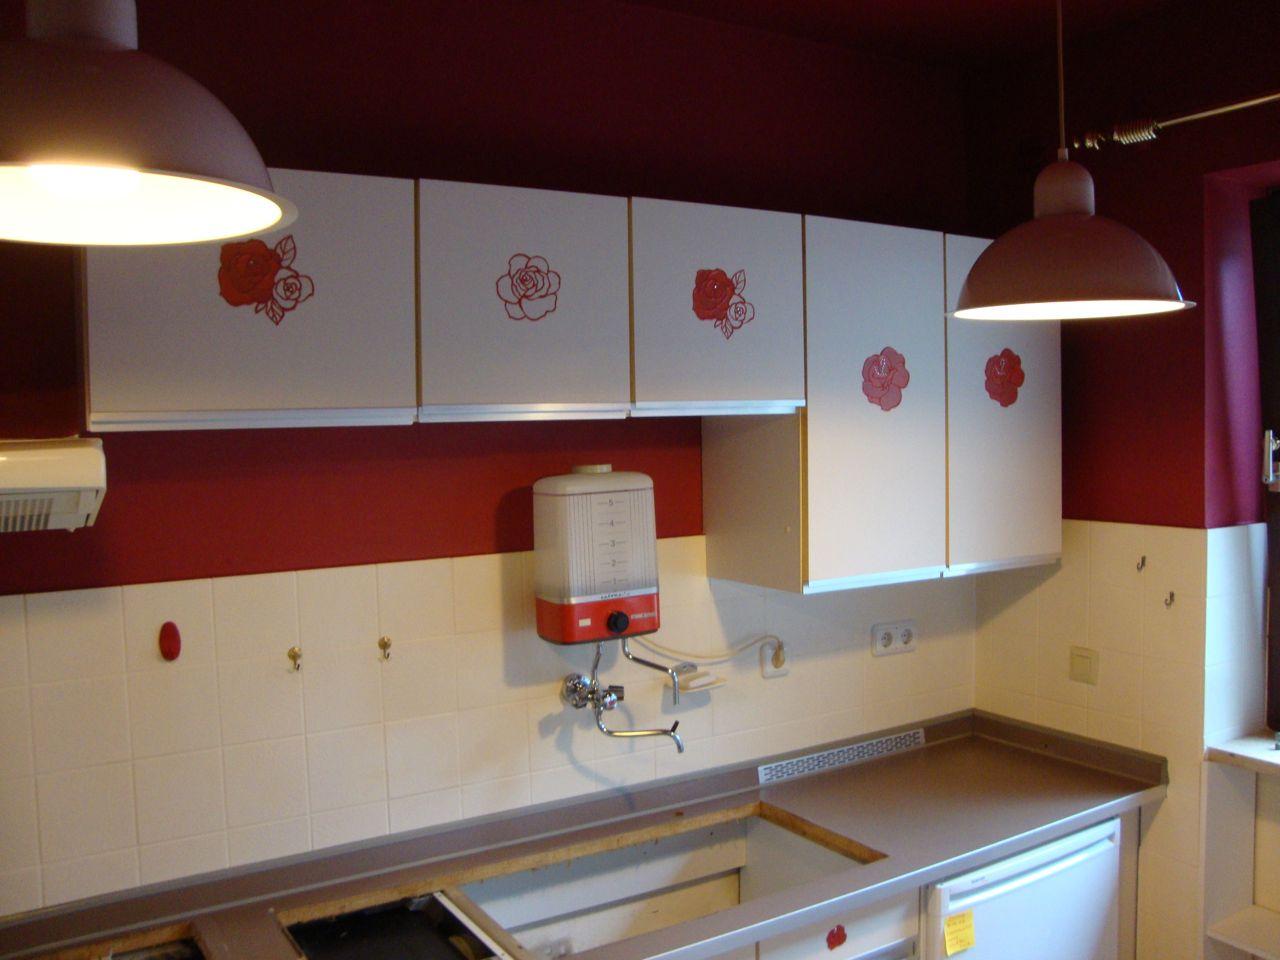 Renovierung von Küchen: Überarbeitung von Küchenfronten und ...